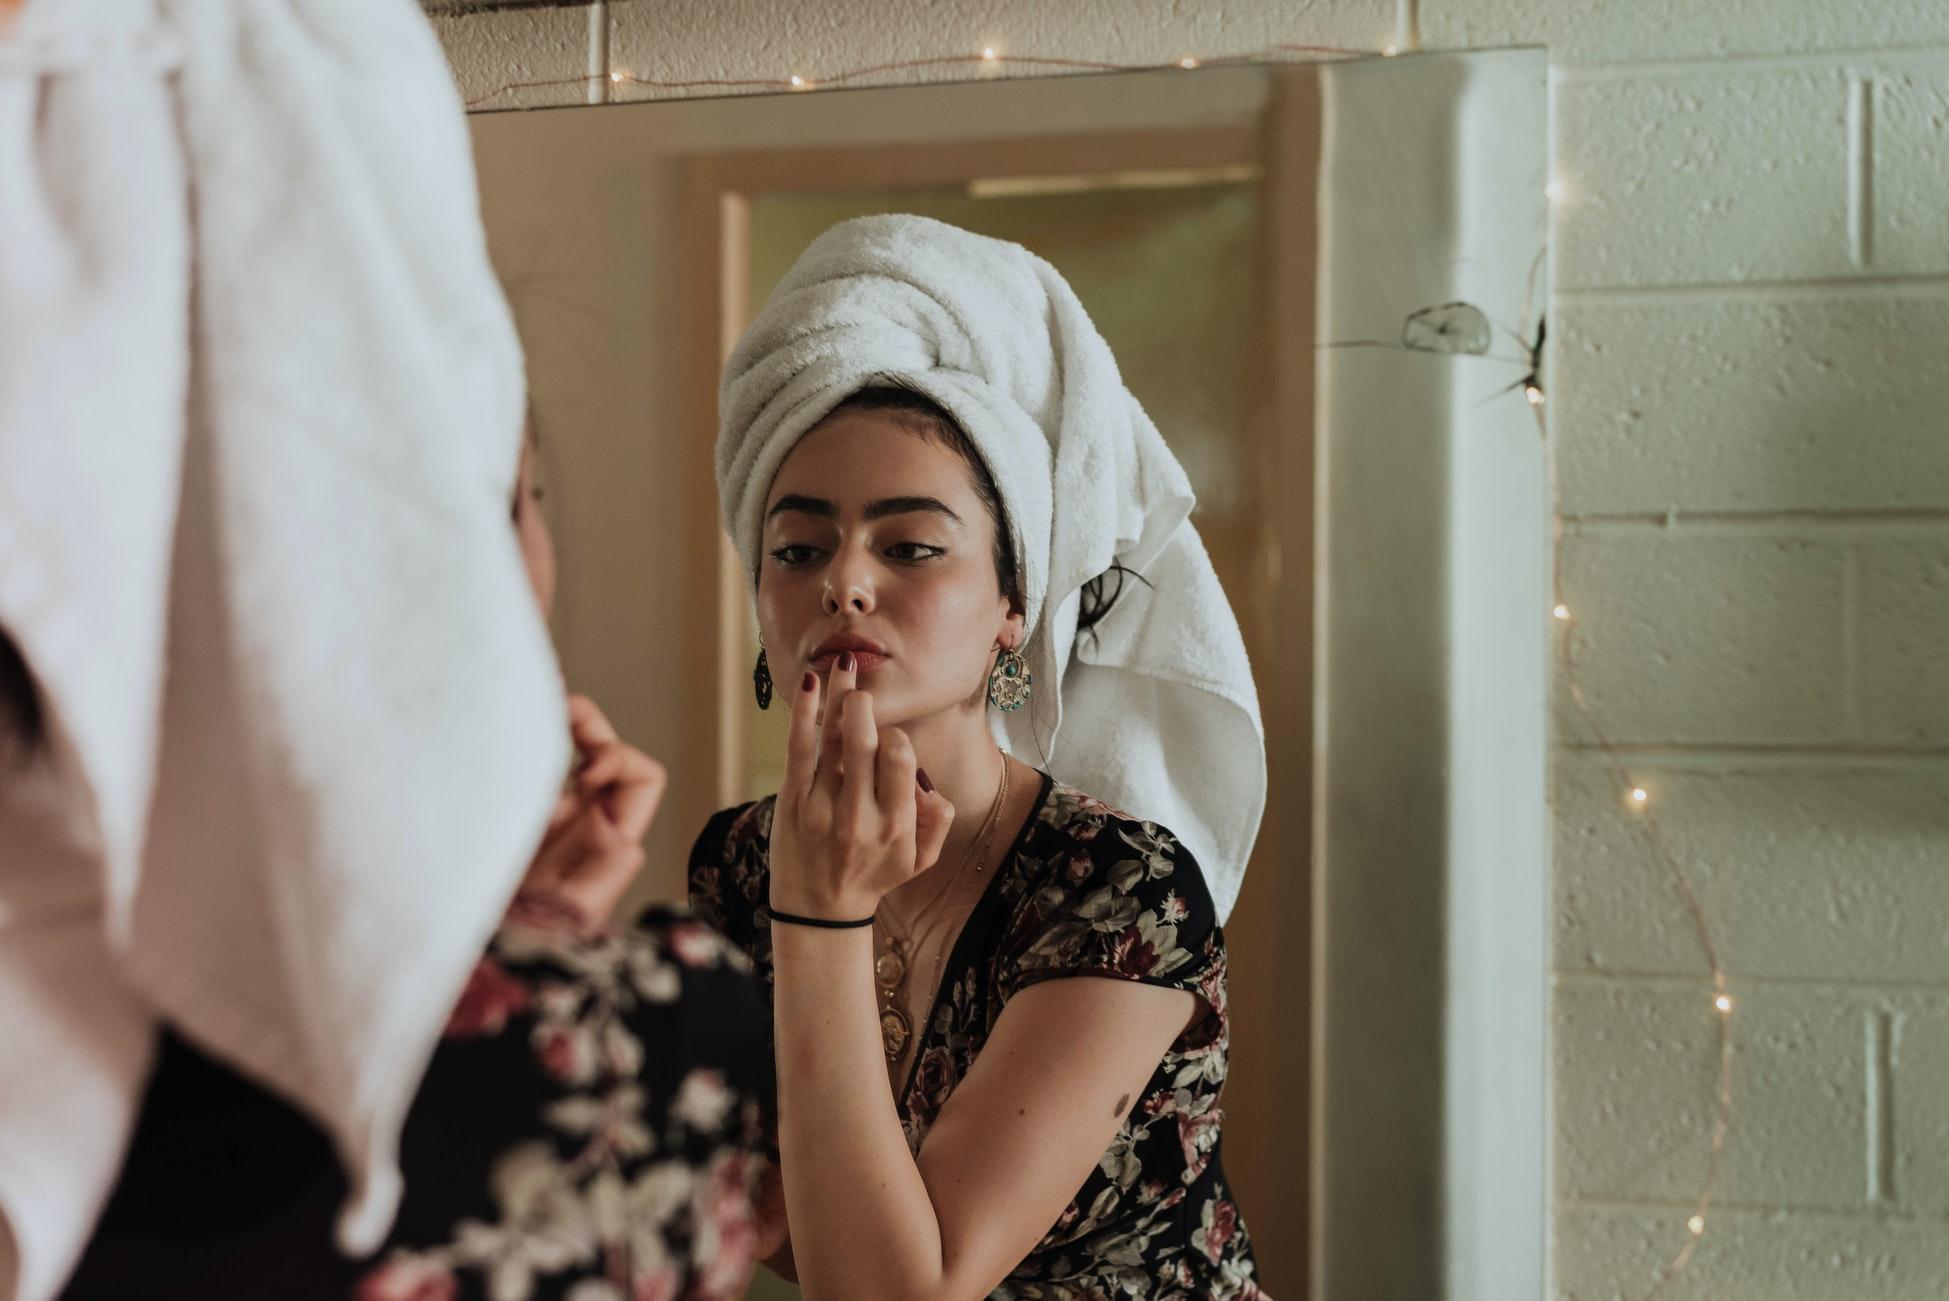 Pe fond pandemic, skincare devine self-care – despre cât de important e să fii bine cu tine prin îngrijirea pielii